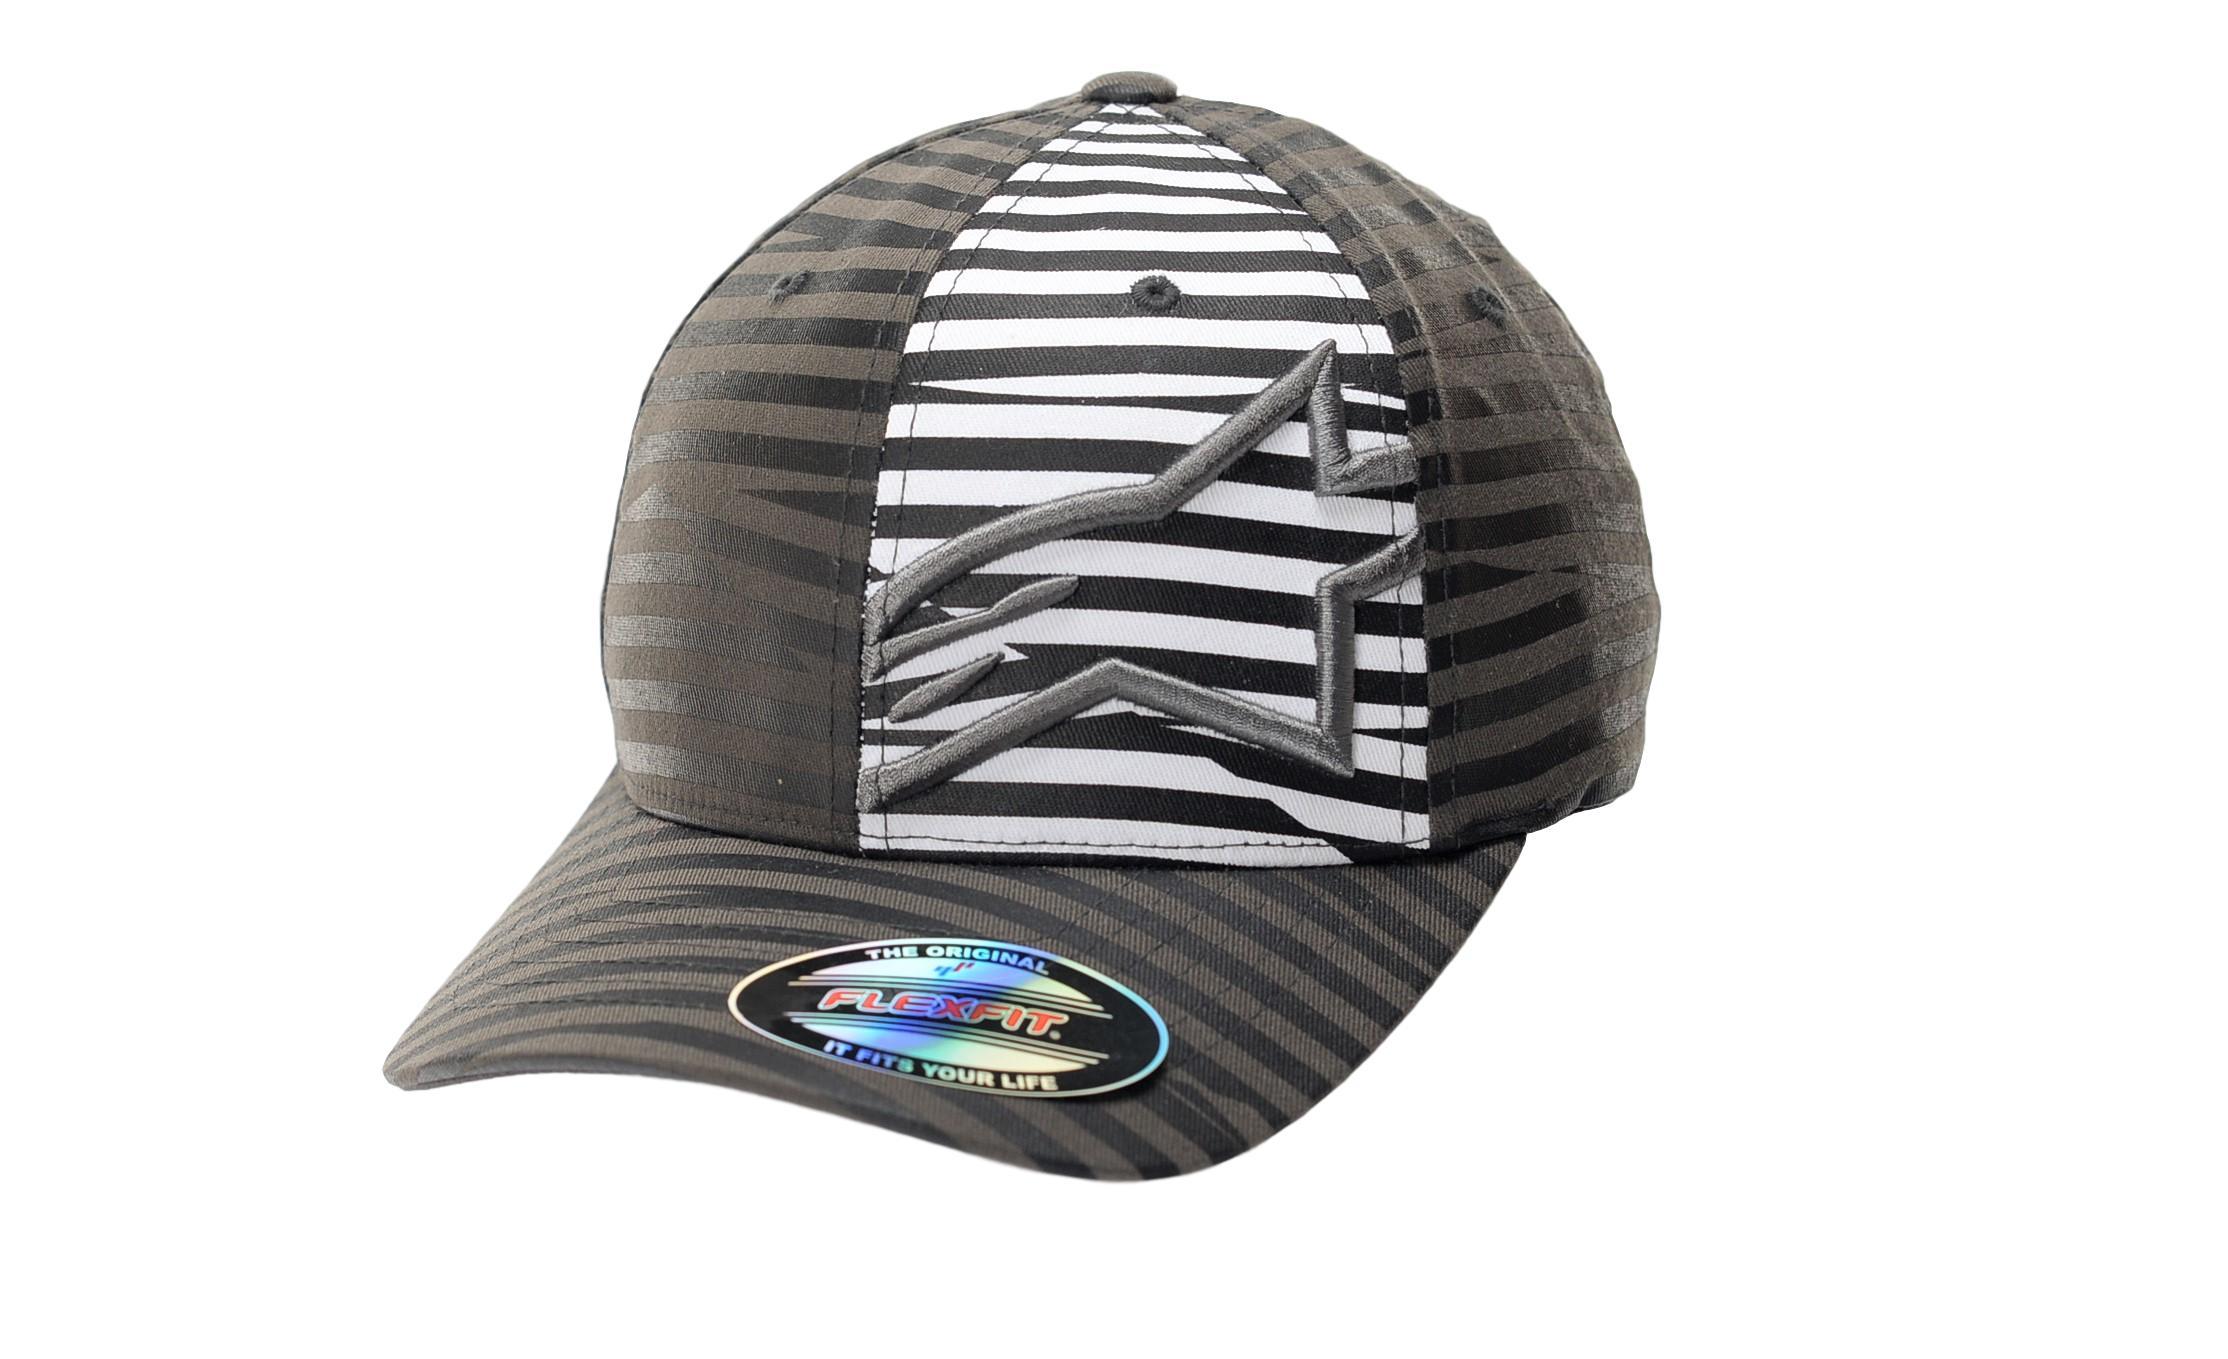 9494cf774cdc0 AlpineStars Men s Flexfit Curve Bill Hat S M